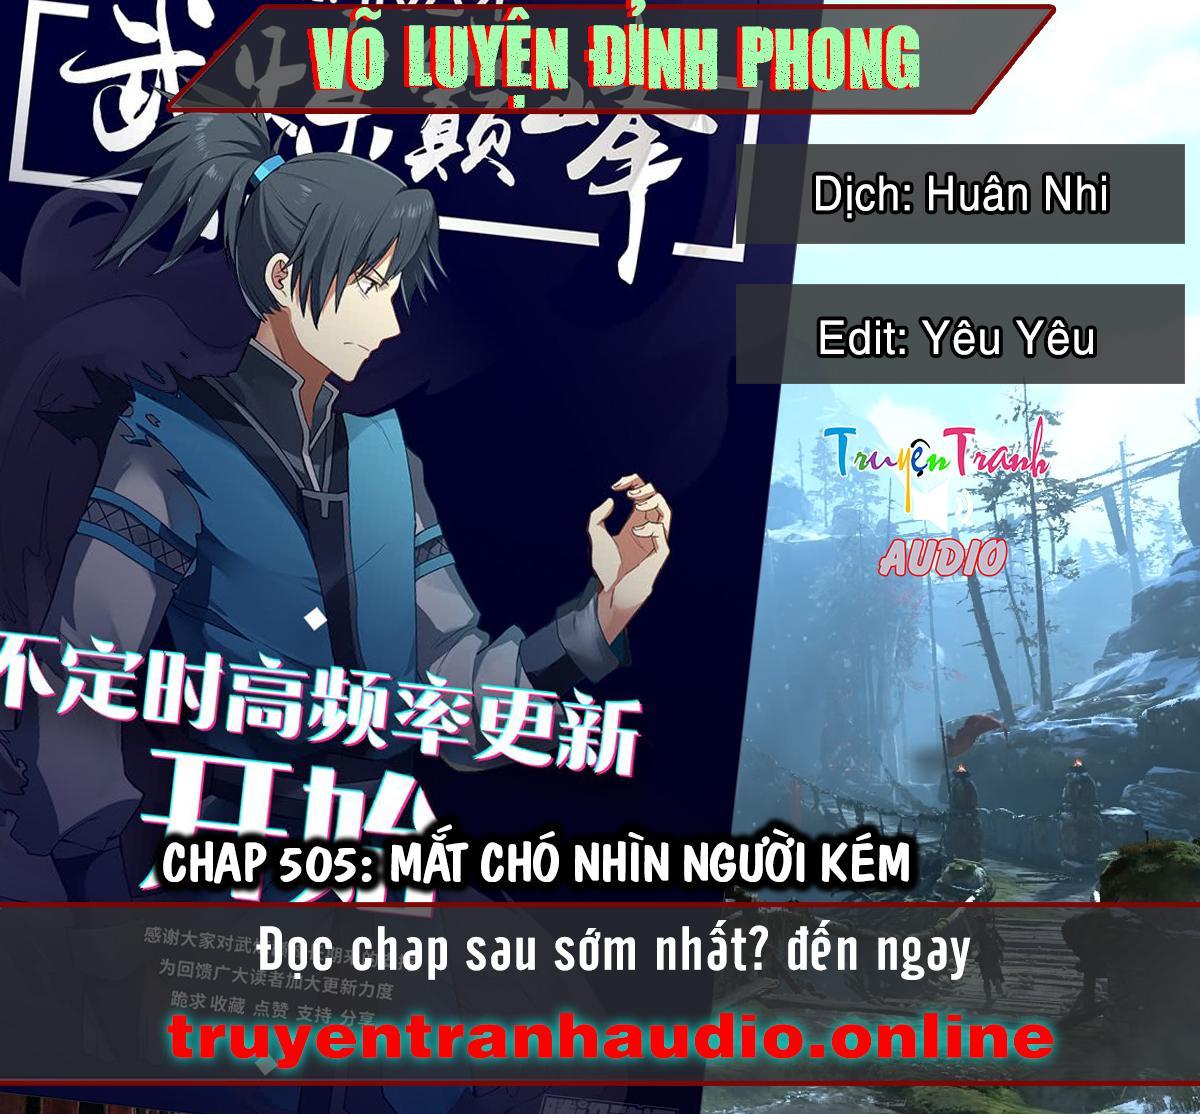 Võ Luyện Đỉnh Phong chap 505 - Trang 1